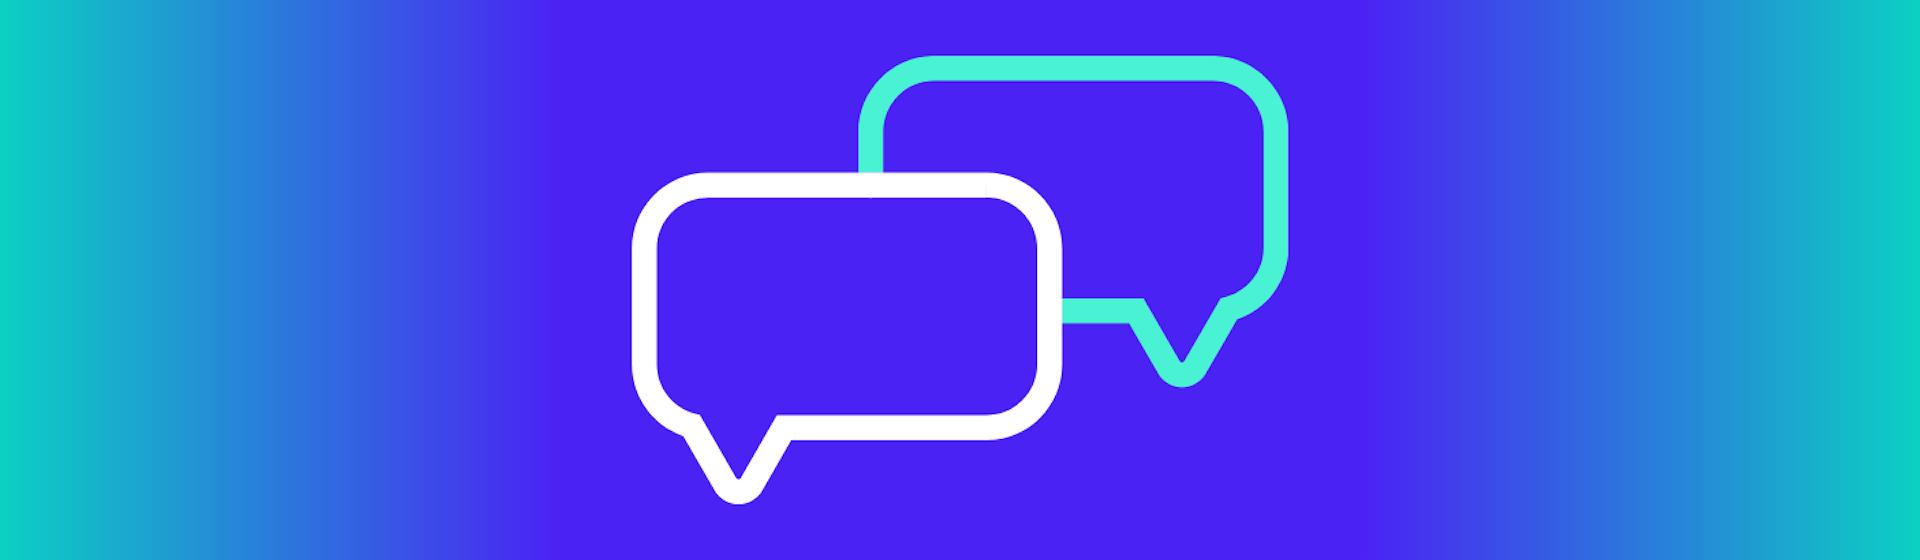 ¿Qué es DM en redes sociales? ¡Que no te hablen en chino! Descubre su significado